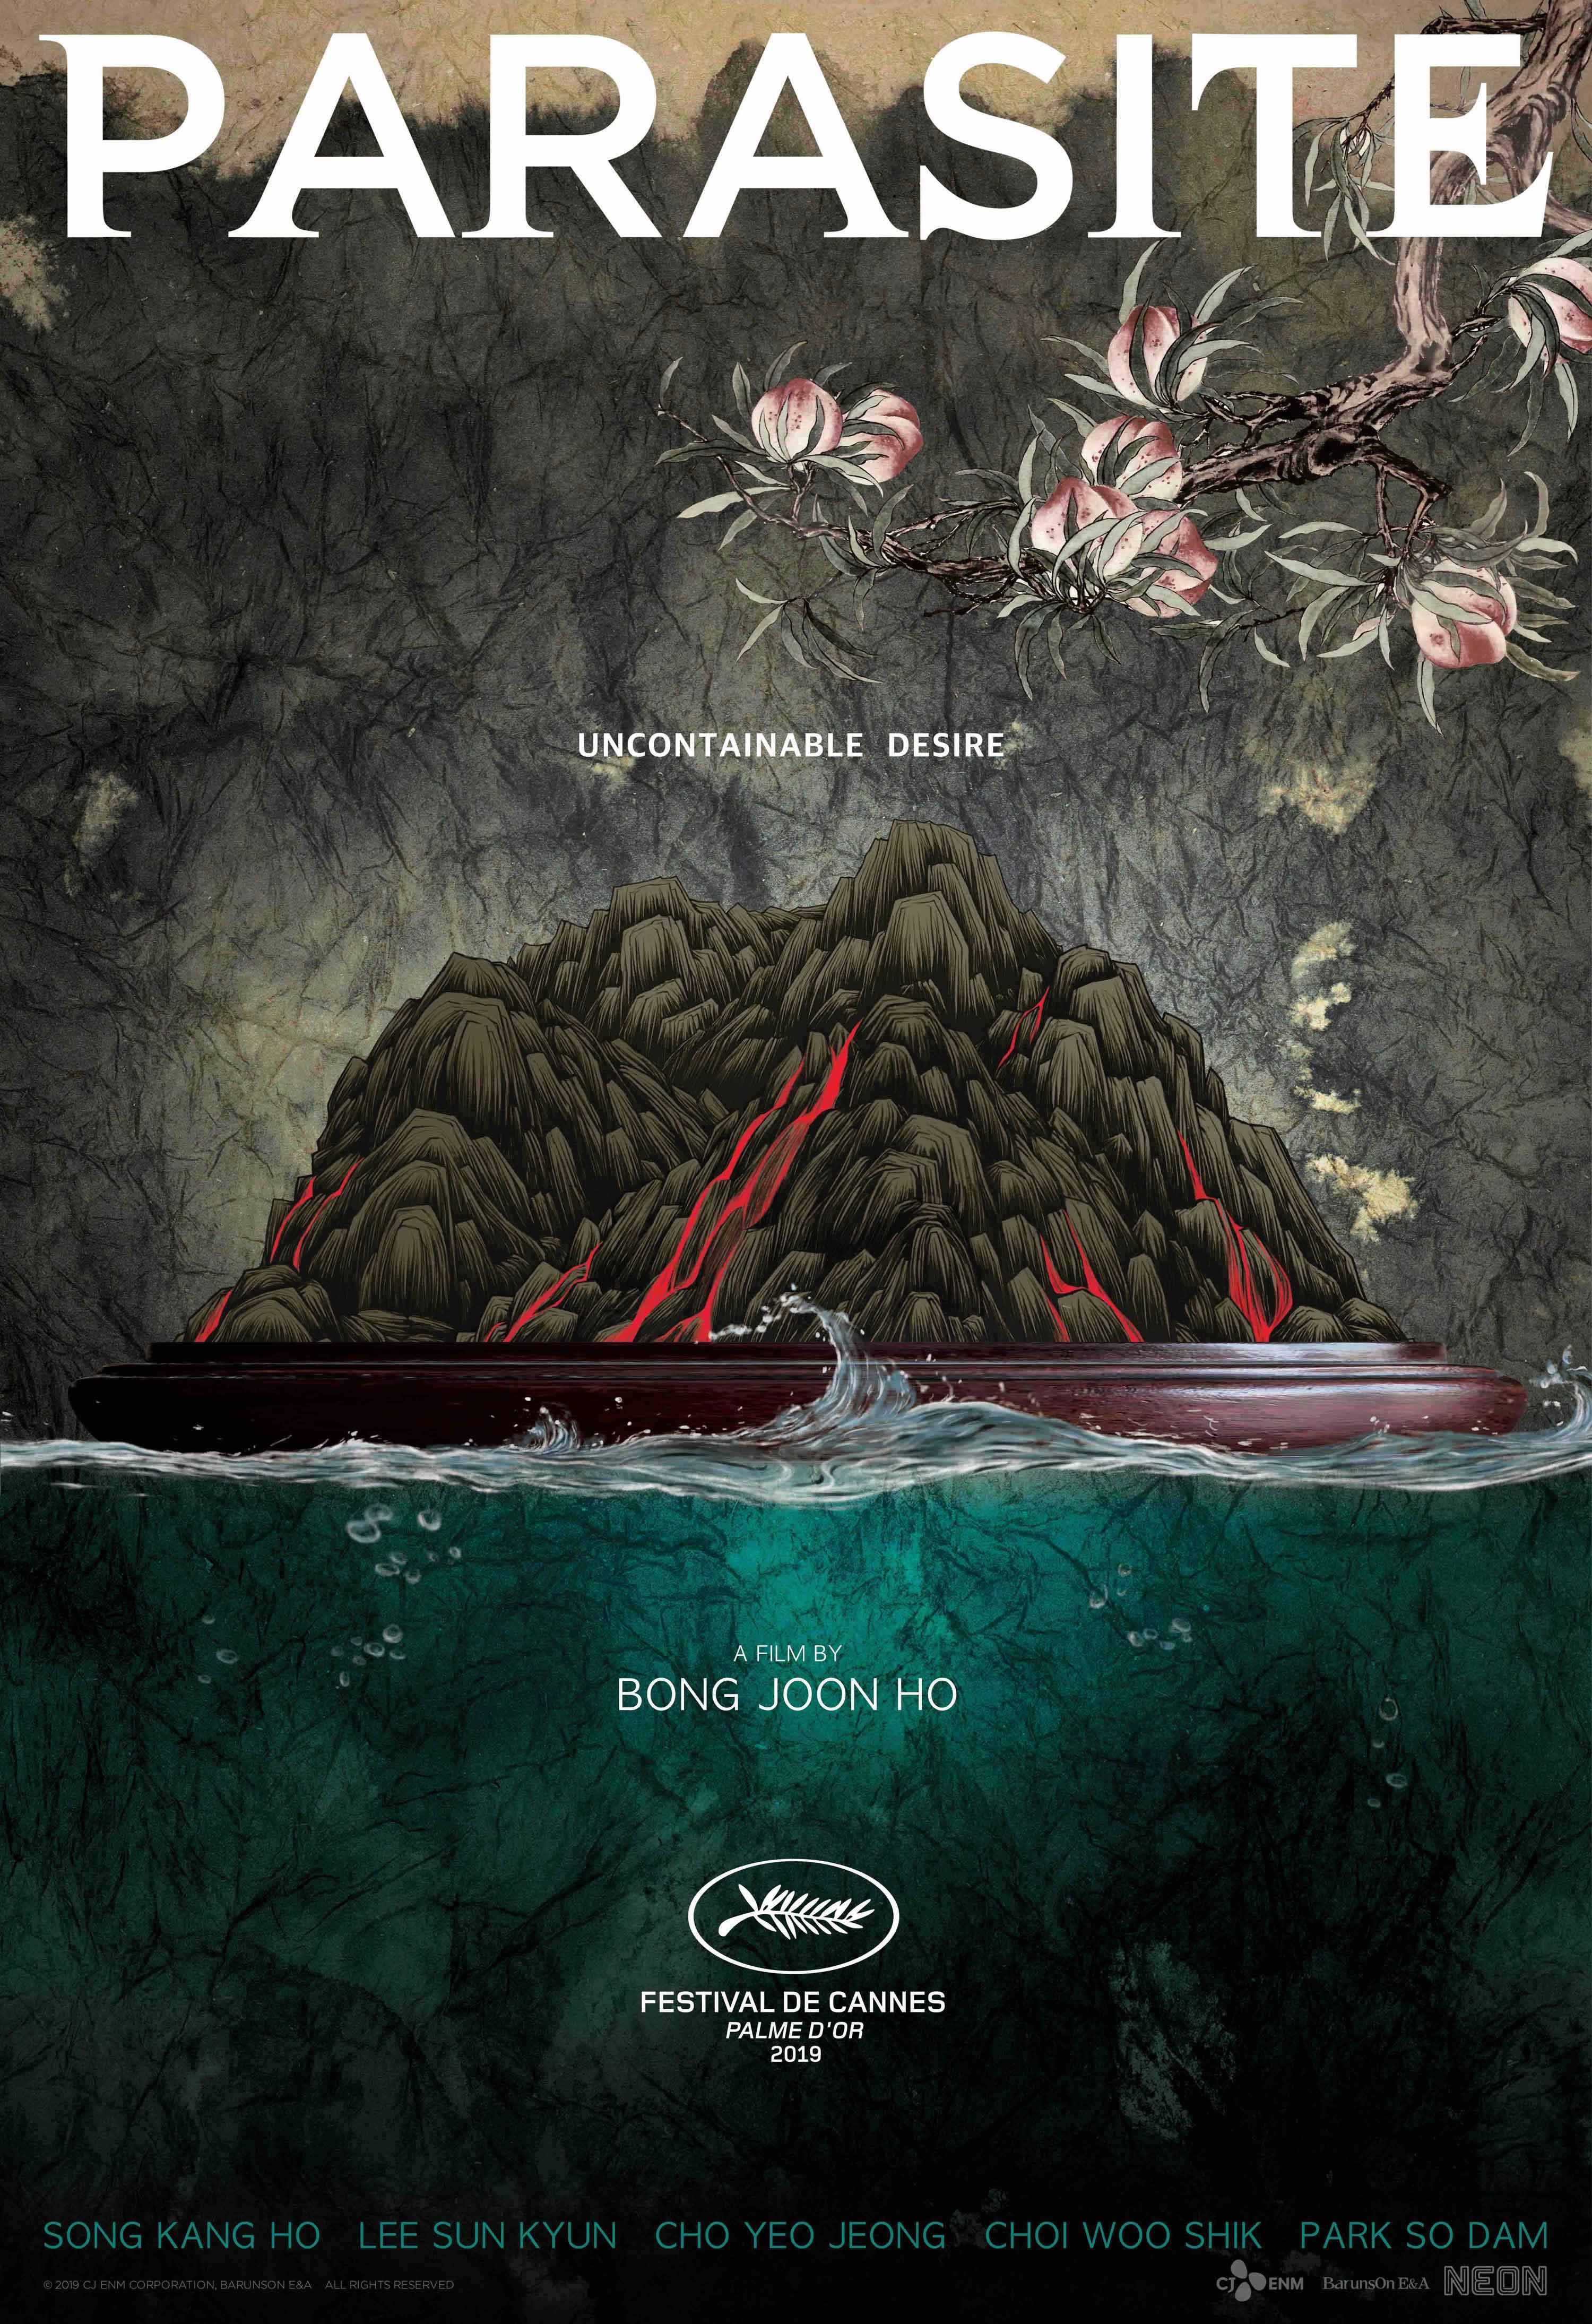 parasite-film-poster.jpg